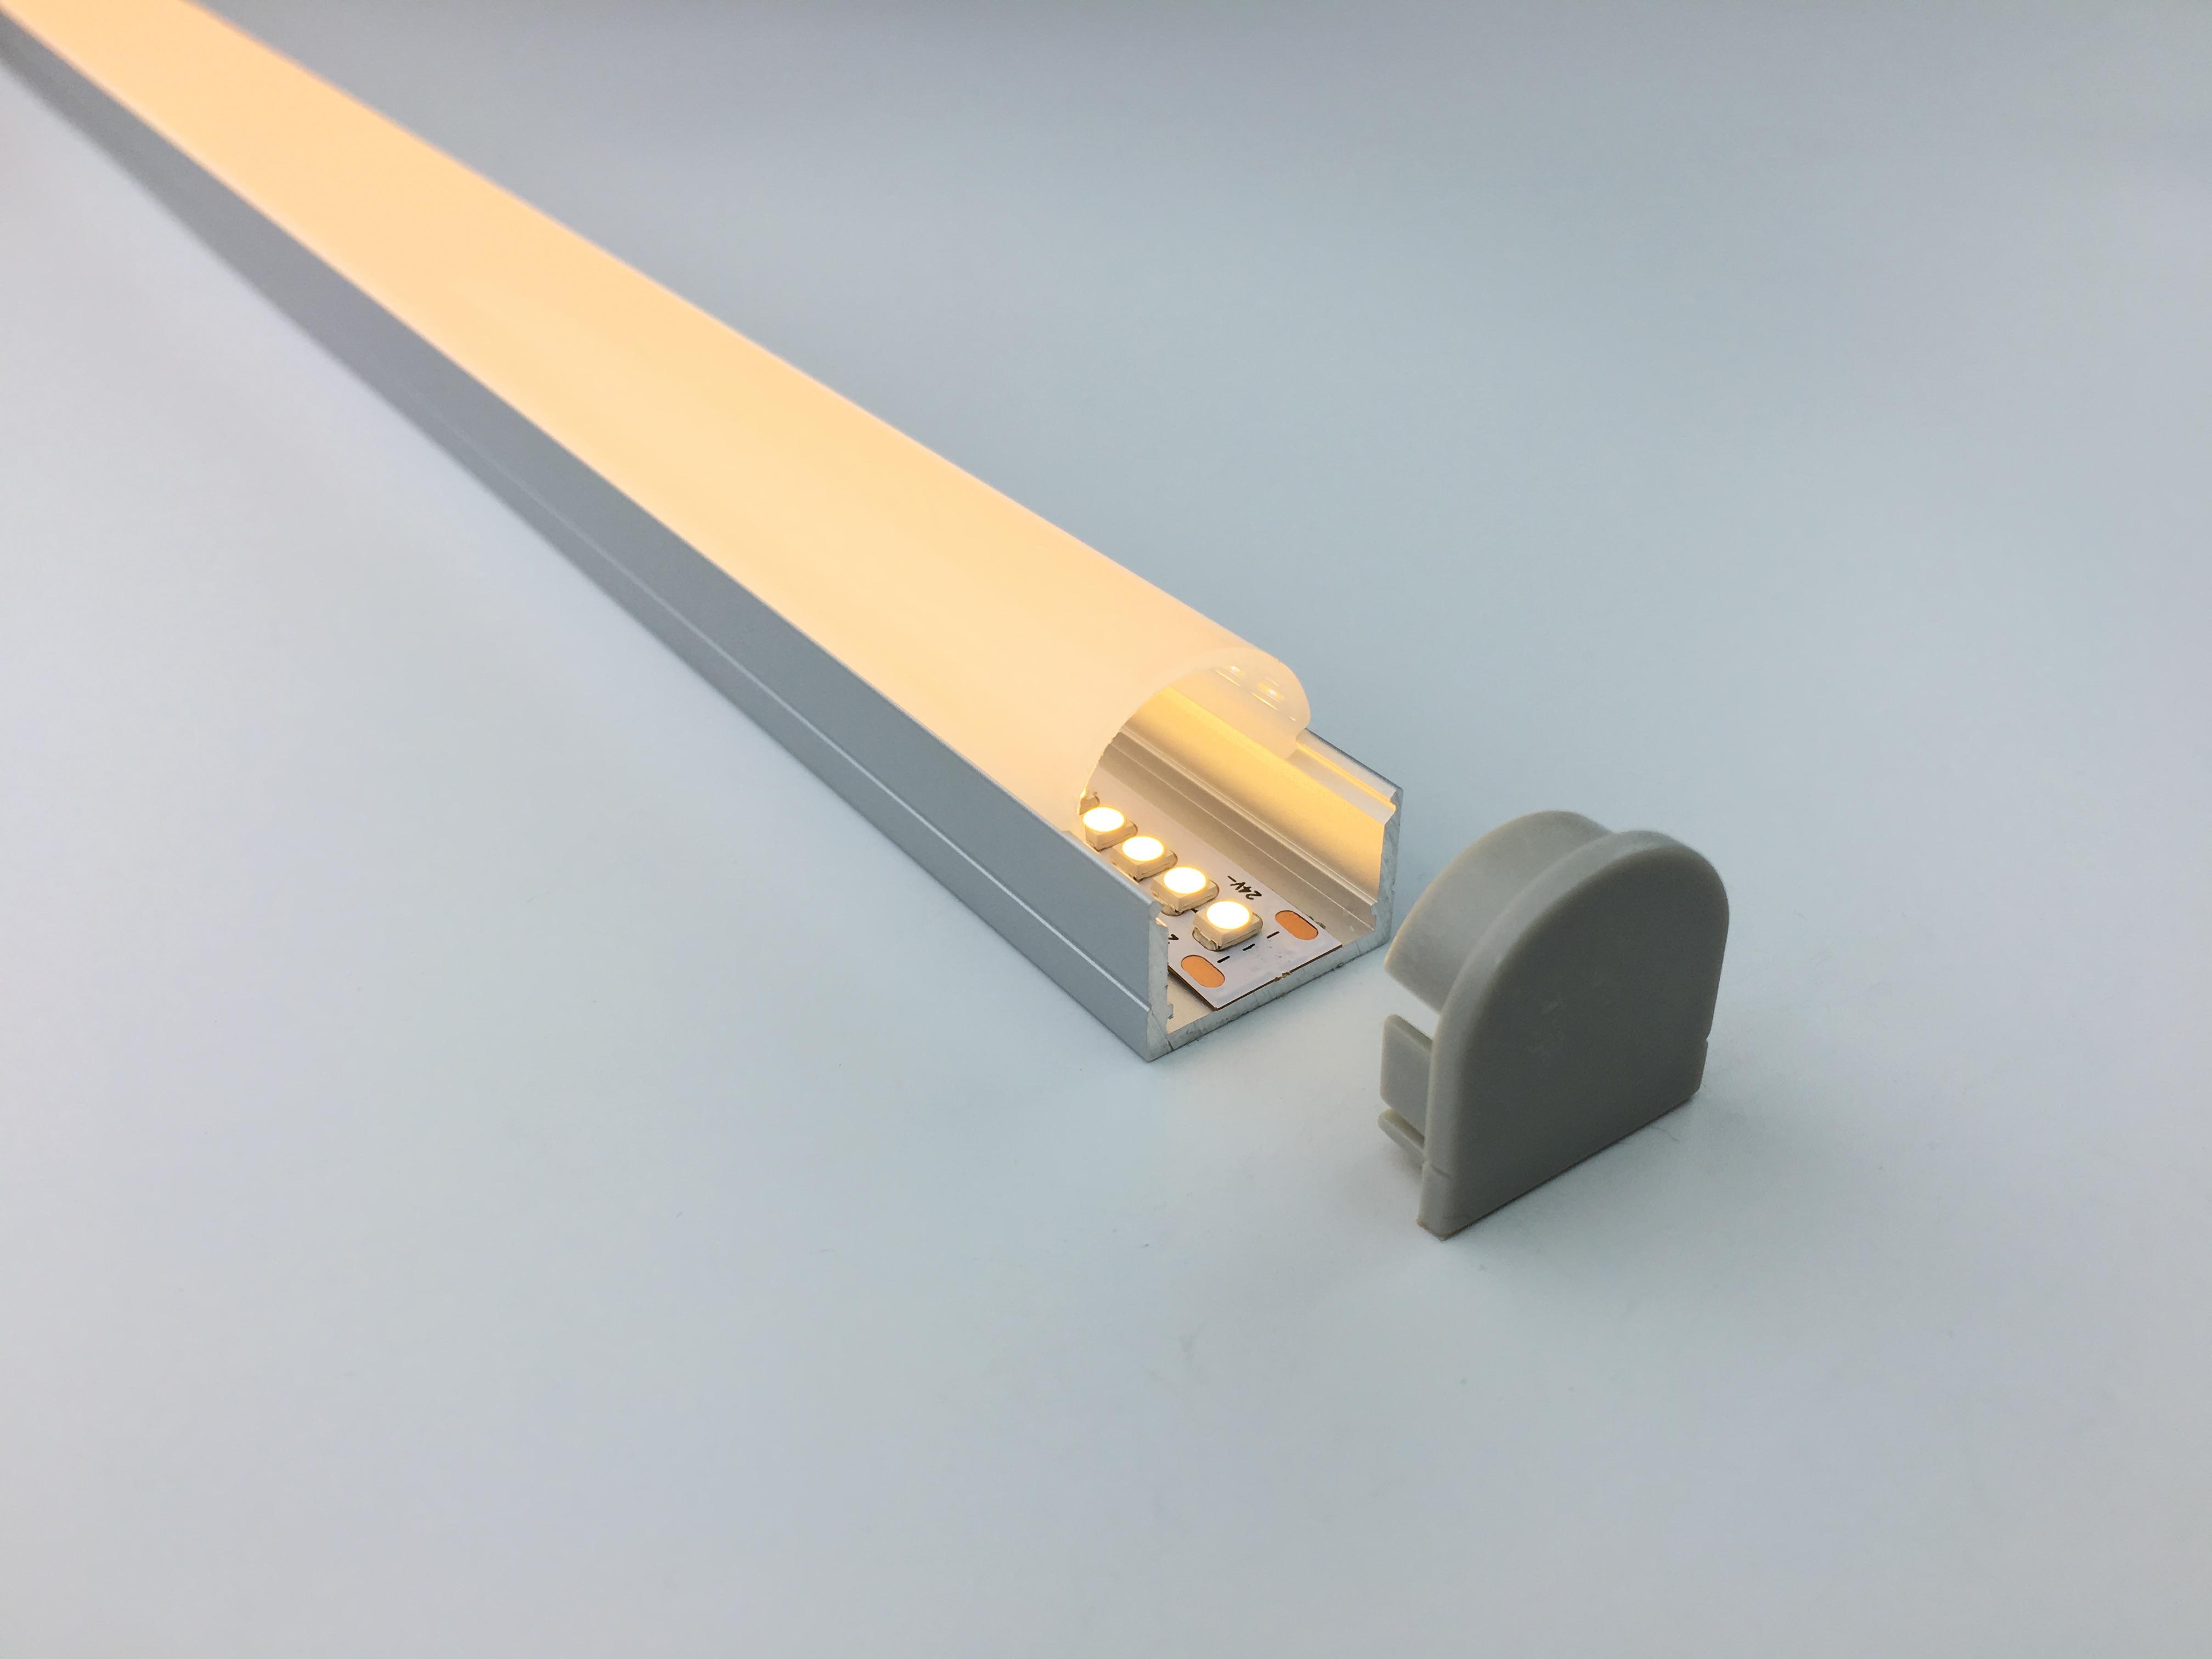 ALUPROFIL 2M 19,4 x 20,2mm